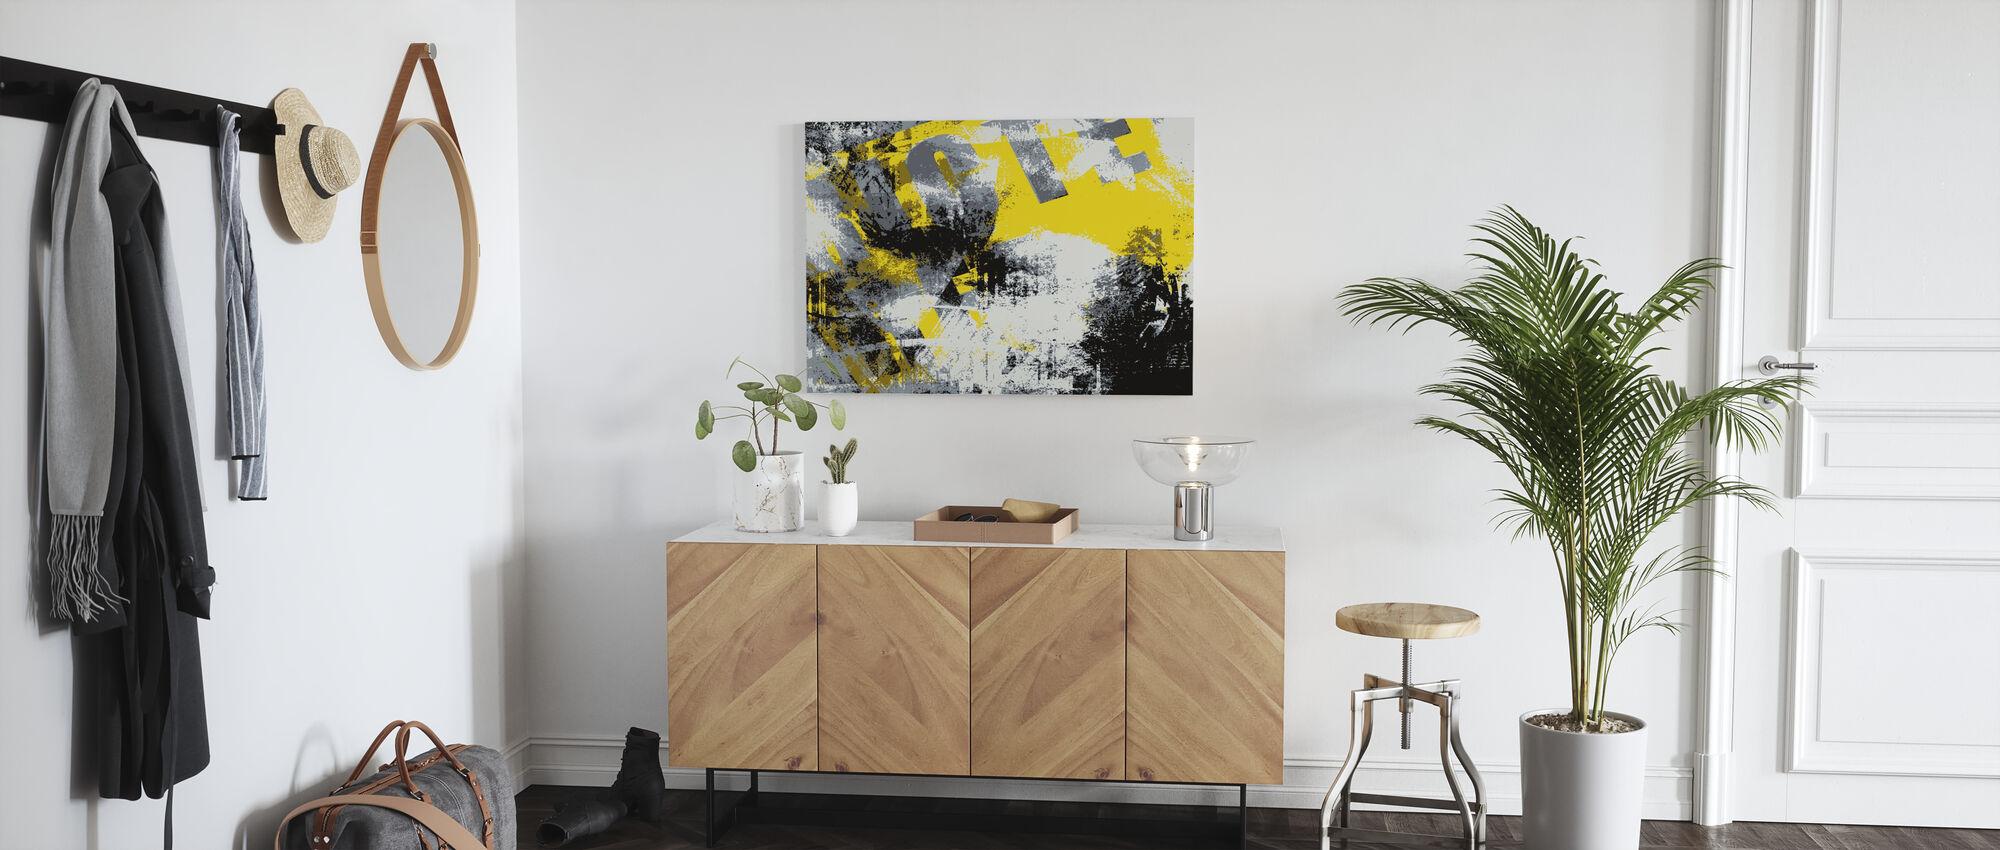 Grunge Background - Canvas print - Hallway